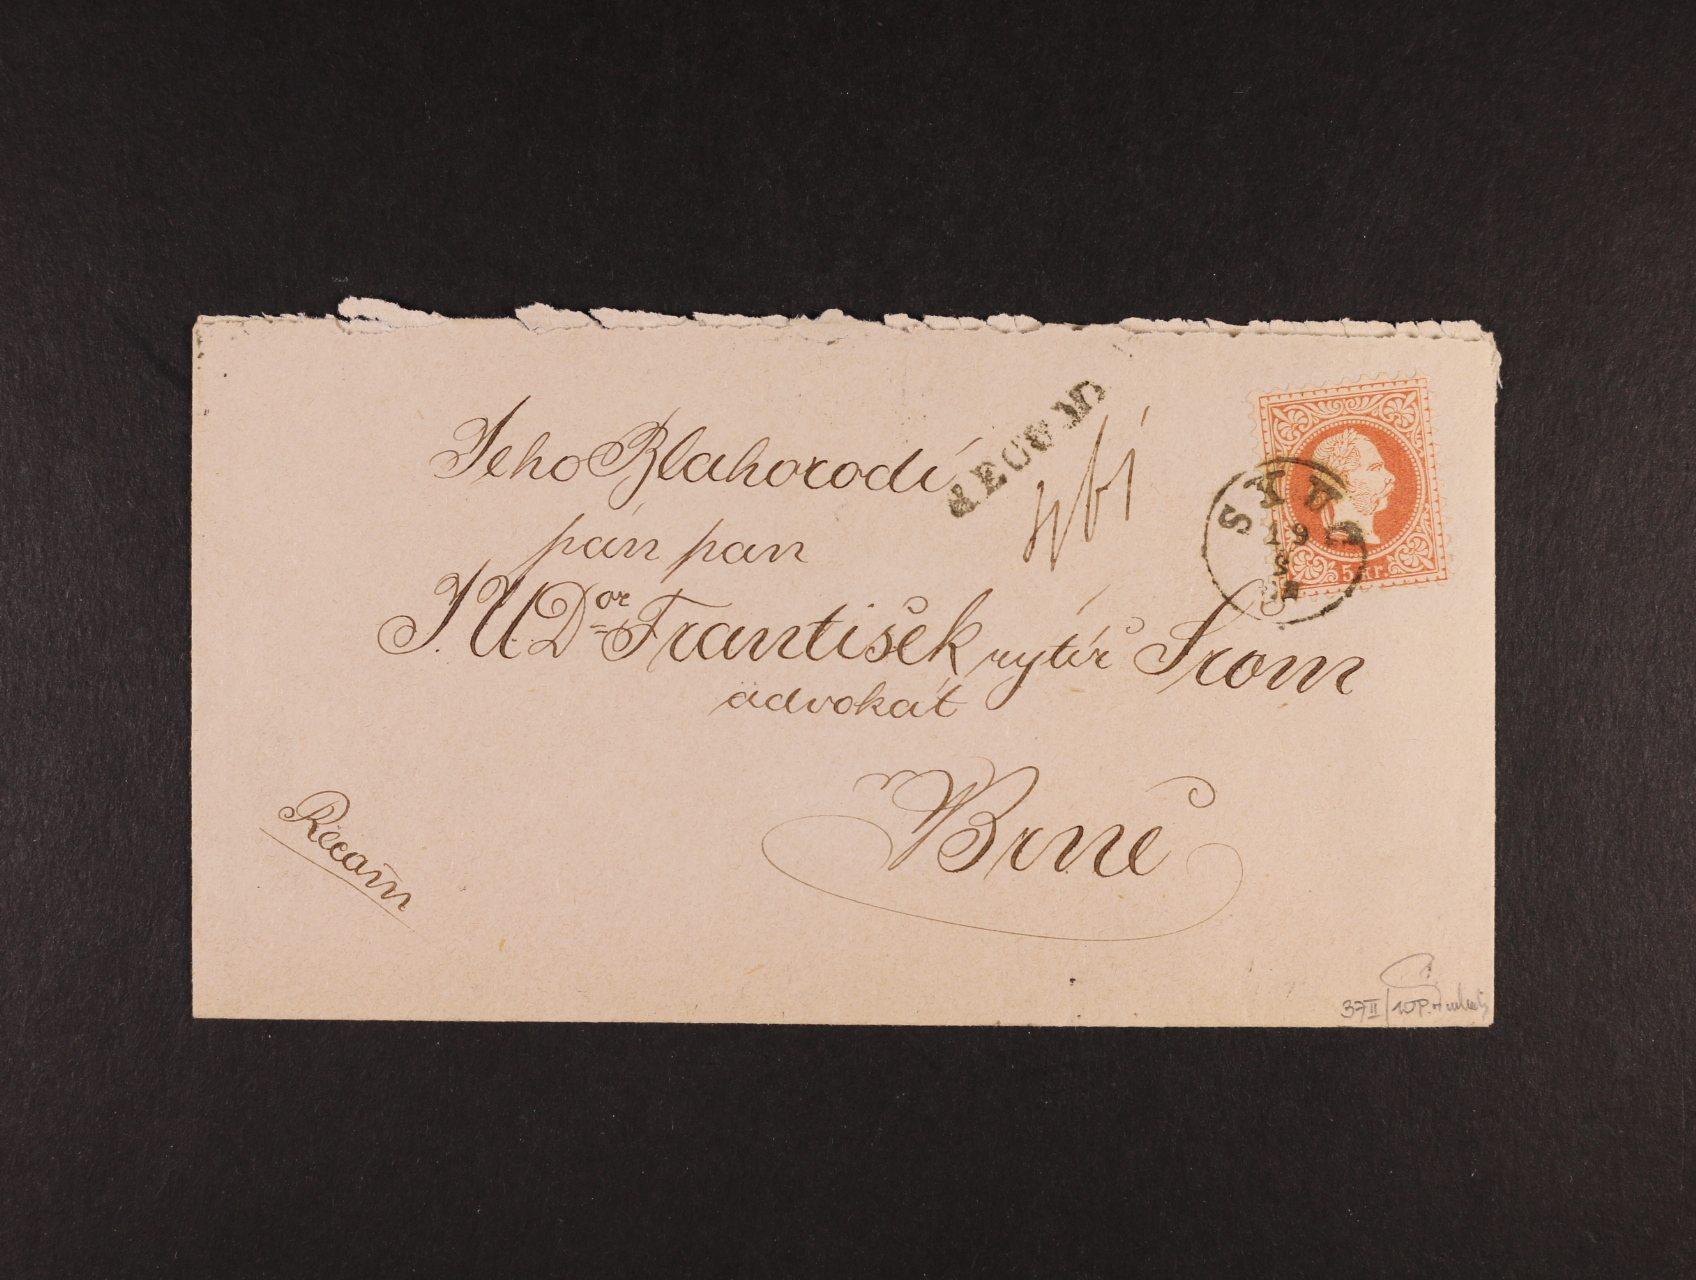 R-dopis malého formátu do Brna z r. 1883, frank. na přední a zadní str. zn. Fe. č. 37 II (3x), pod. raz. SKUC 19.9., průch. a přích. raz., lux. kvalita, zk. Ferchenbauer